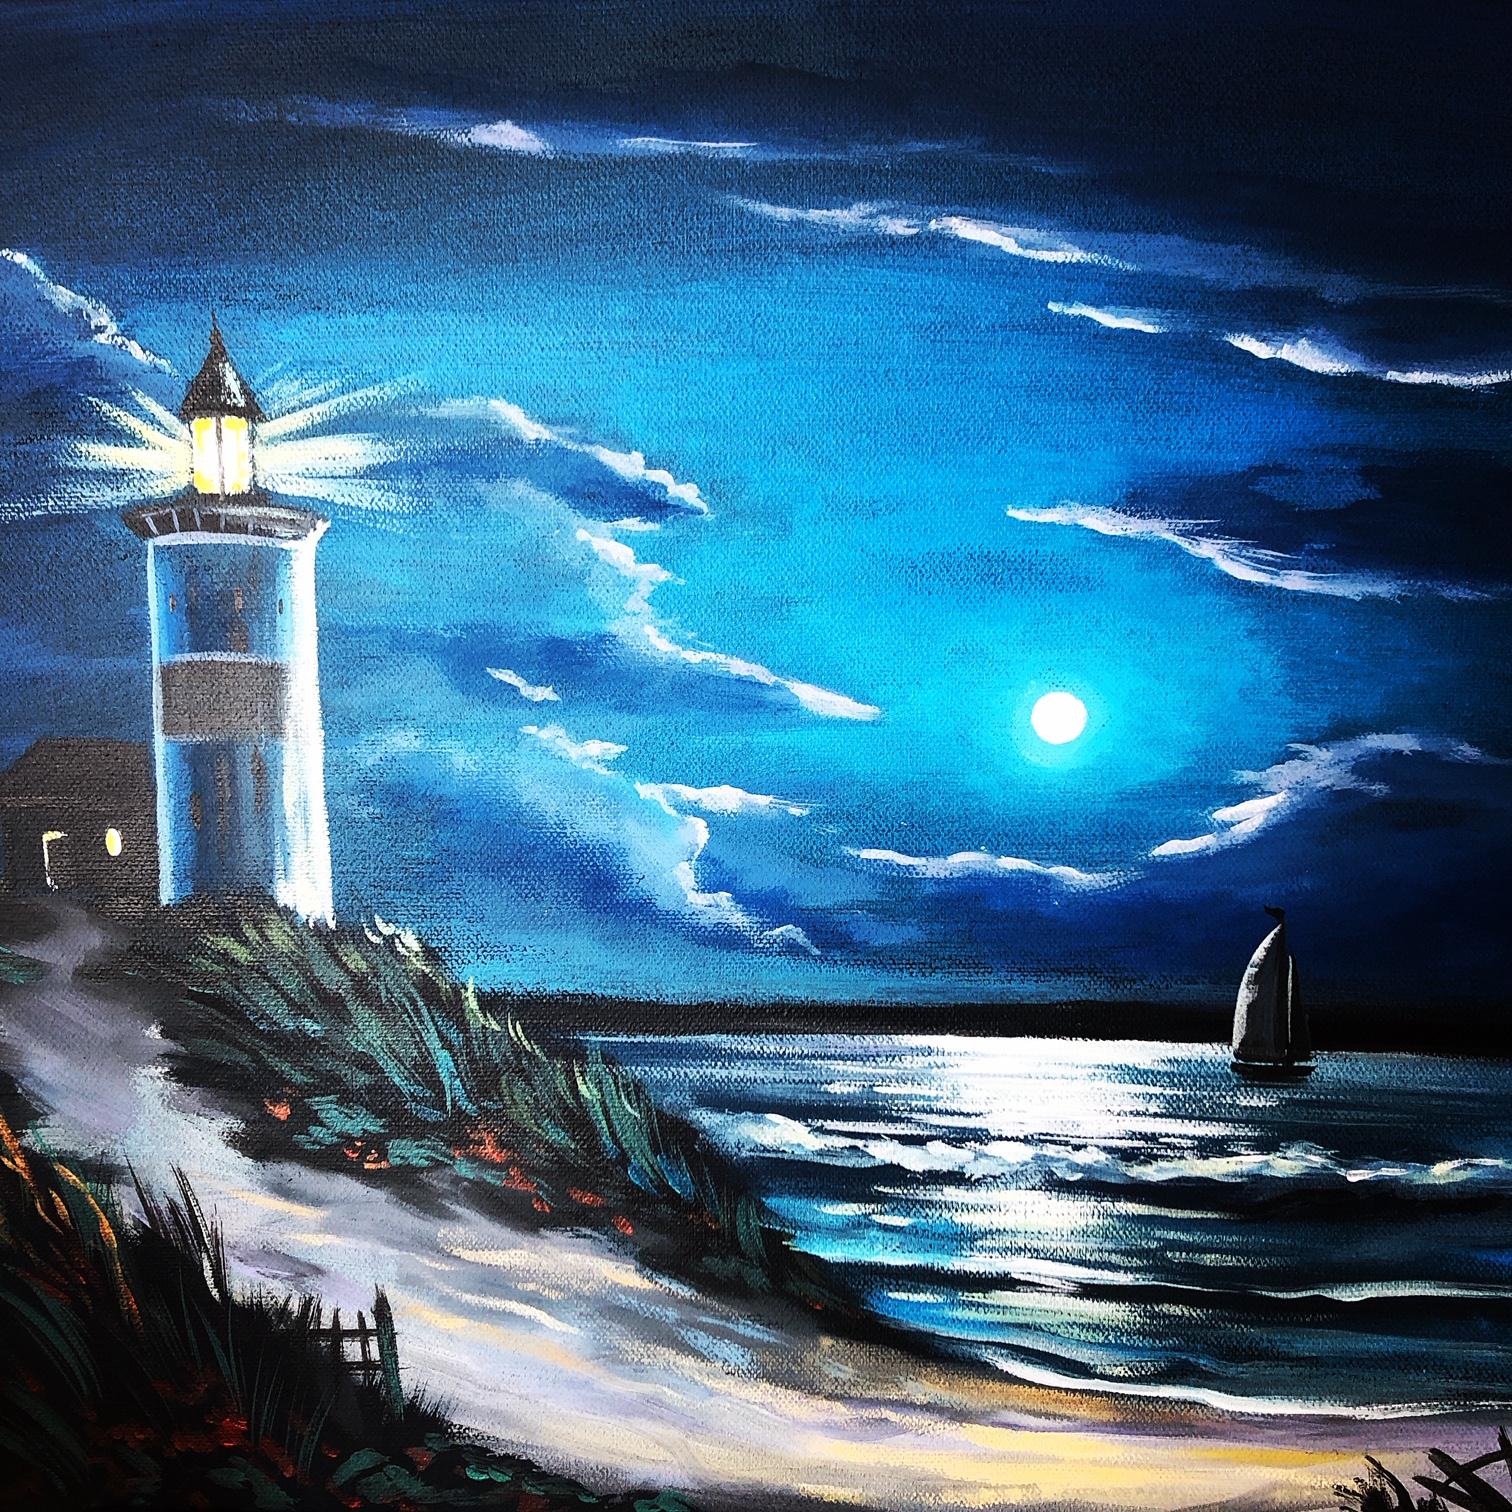 FessNeki: Éjjel a vízen